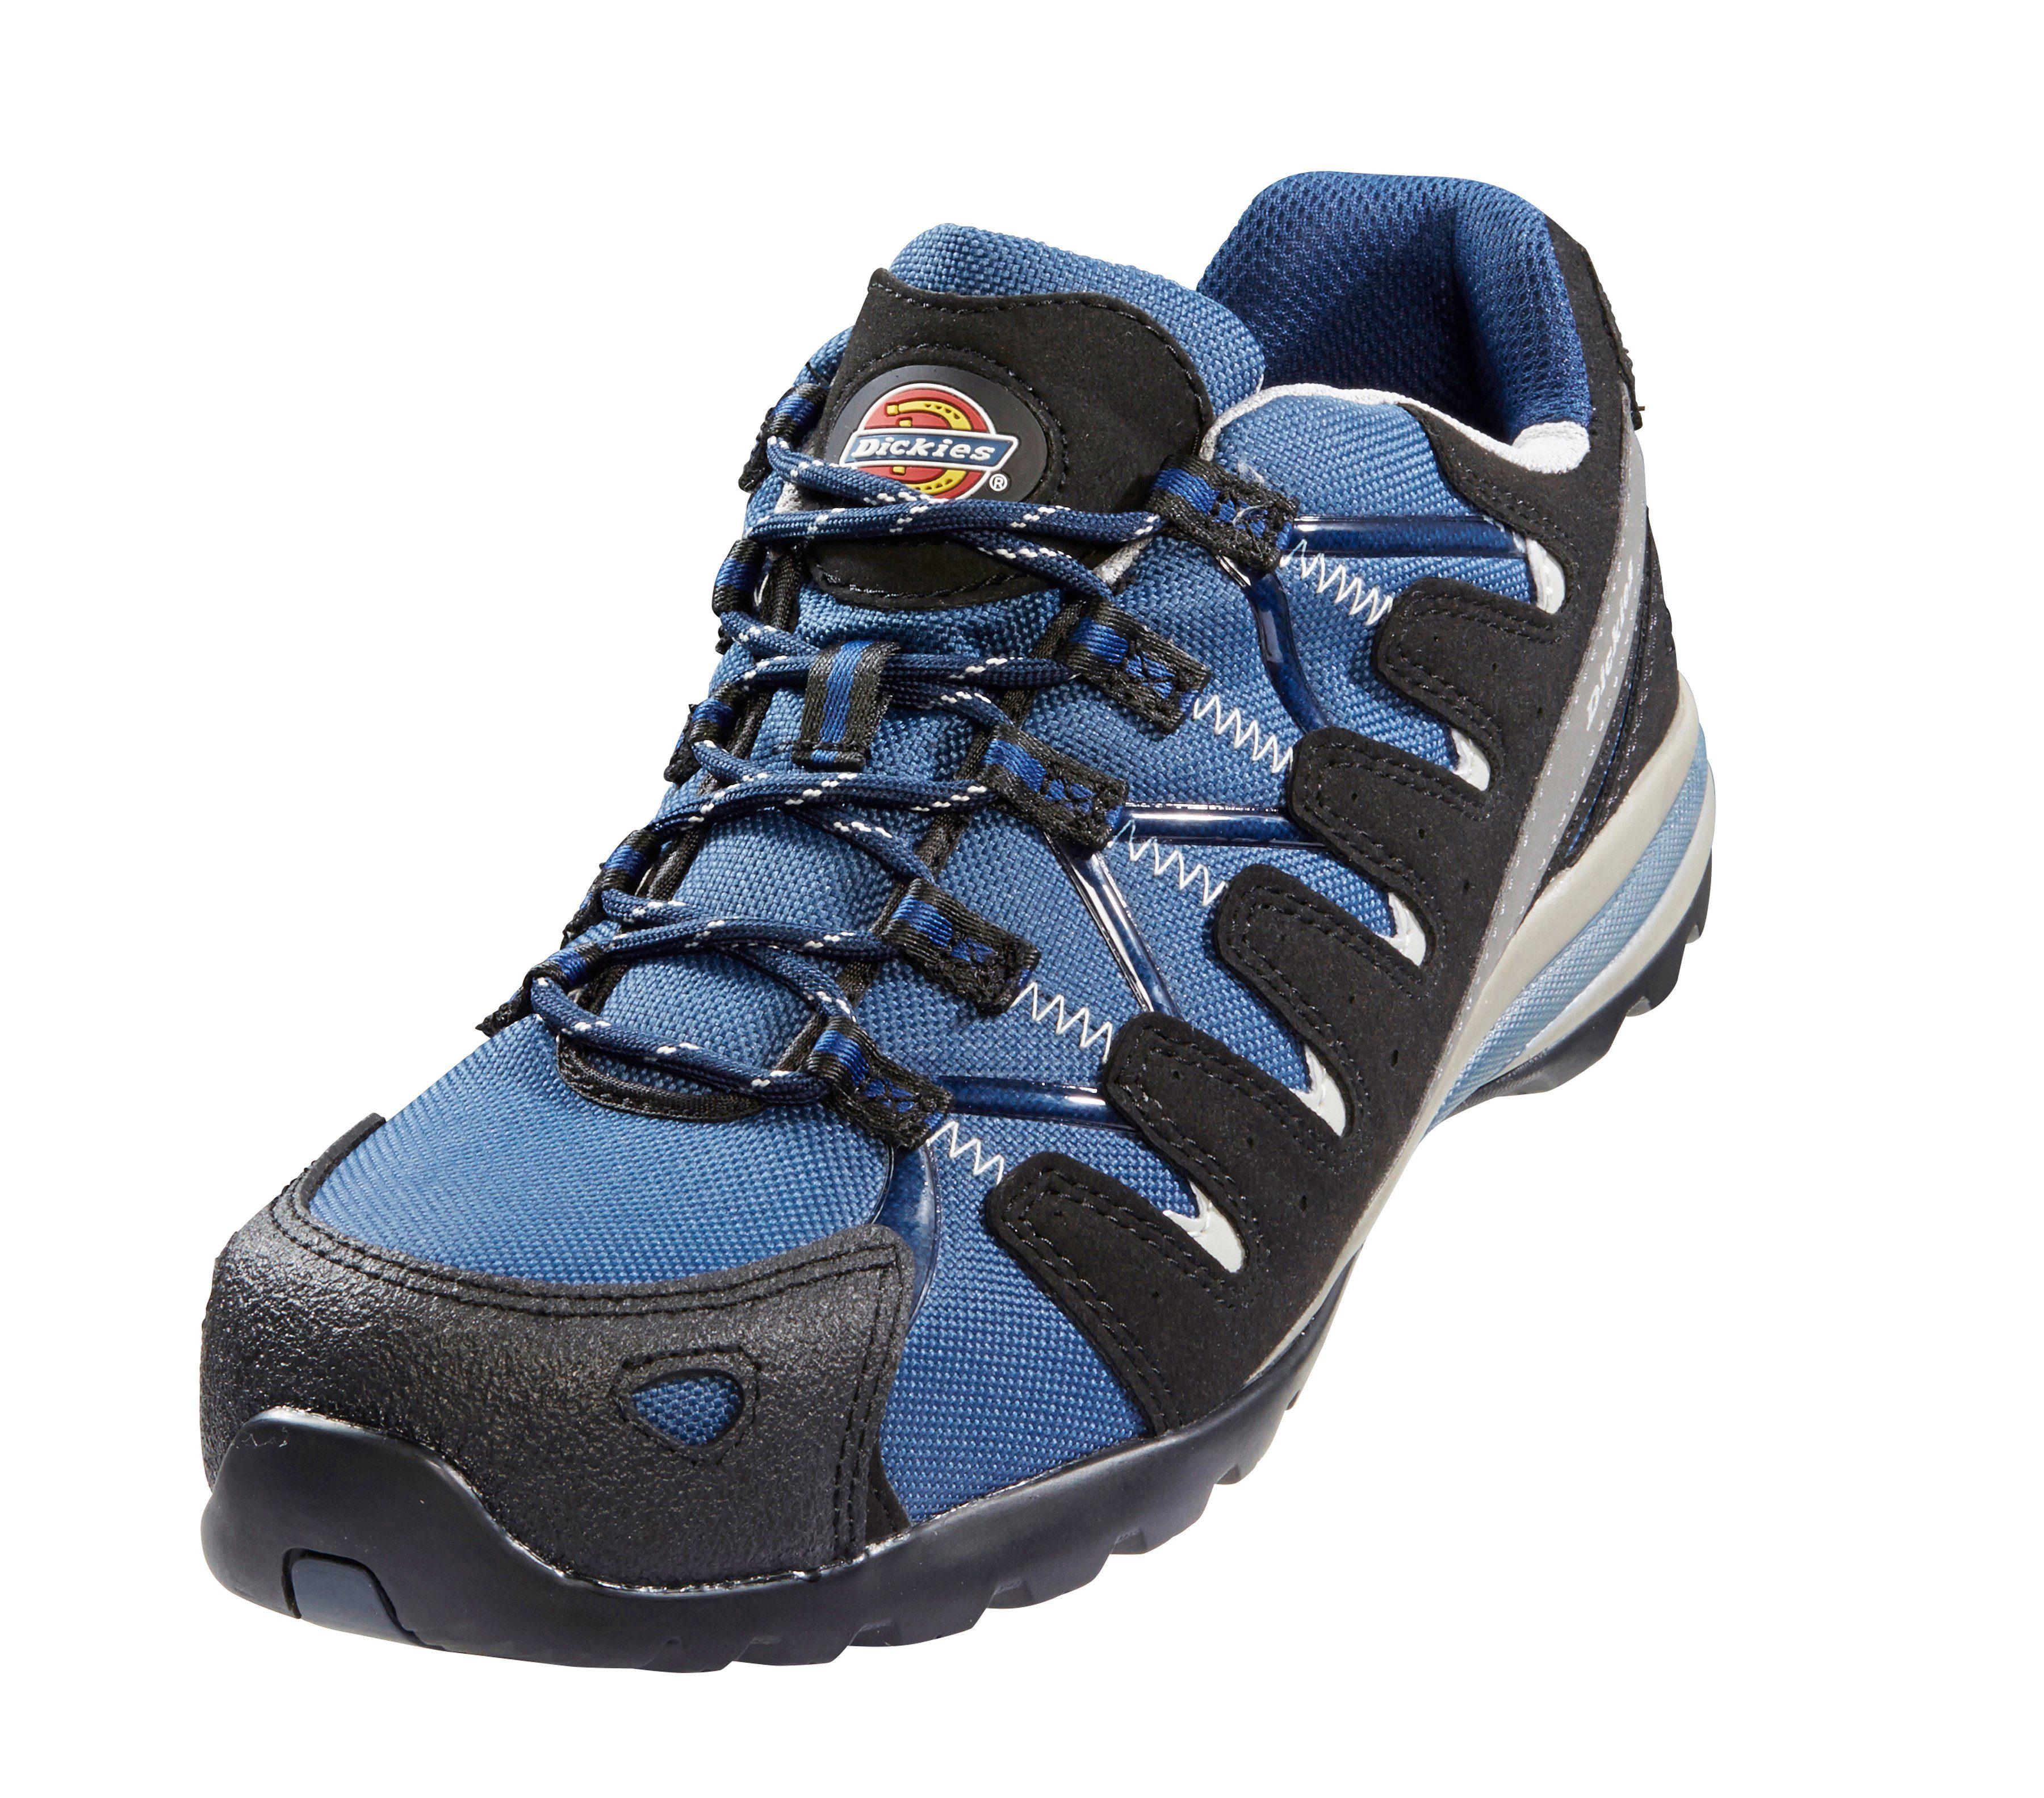 DICKIES Sicherheitsschuh Tiber Bla online kaufen  blau#ft5_slash#schwarz